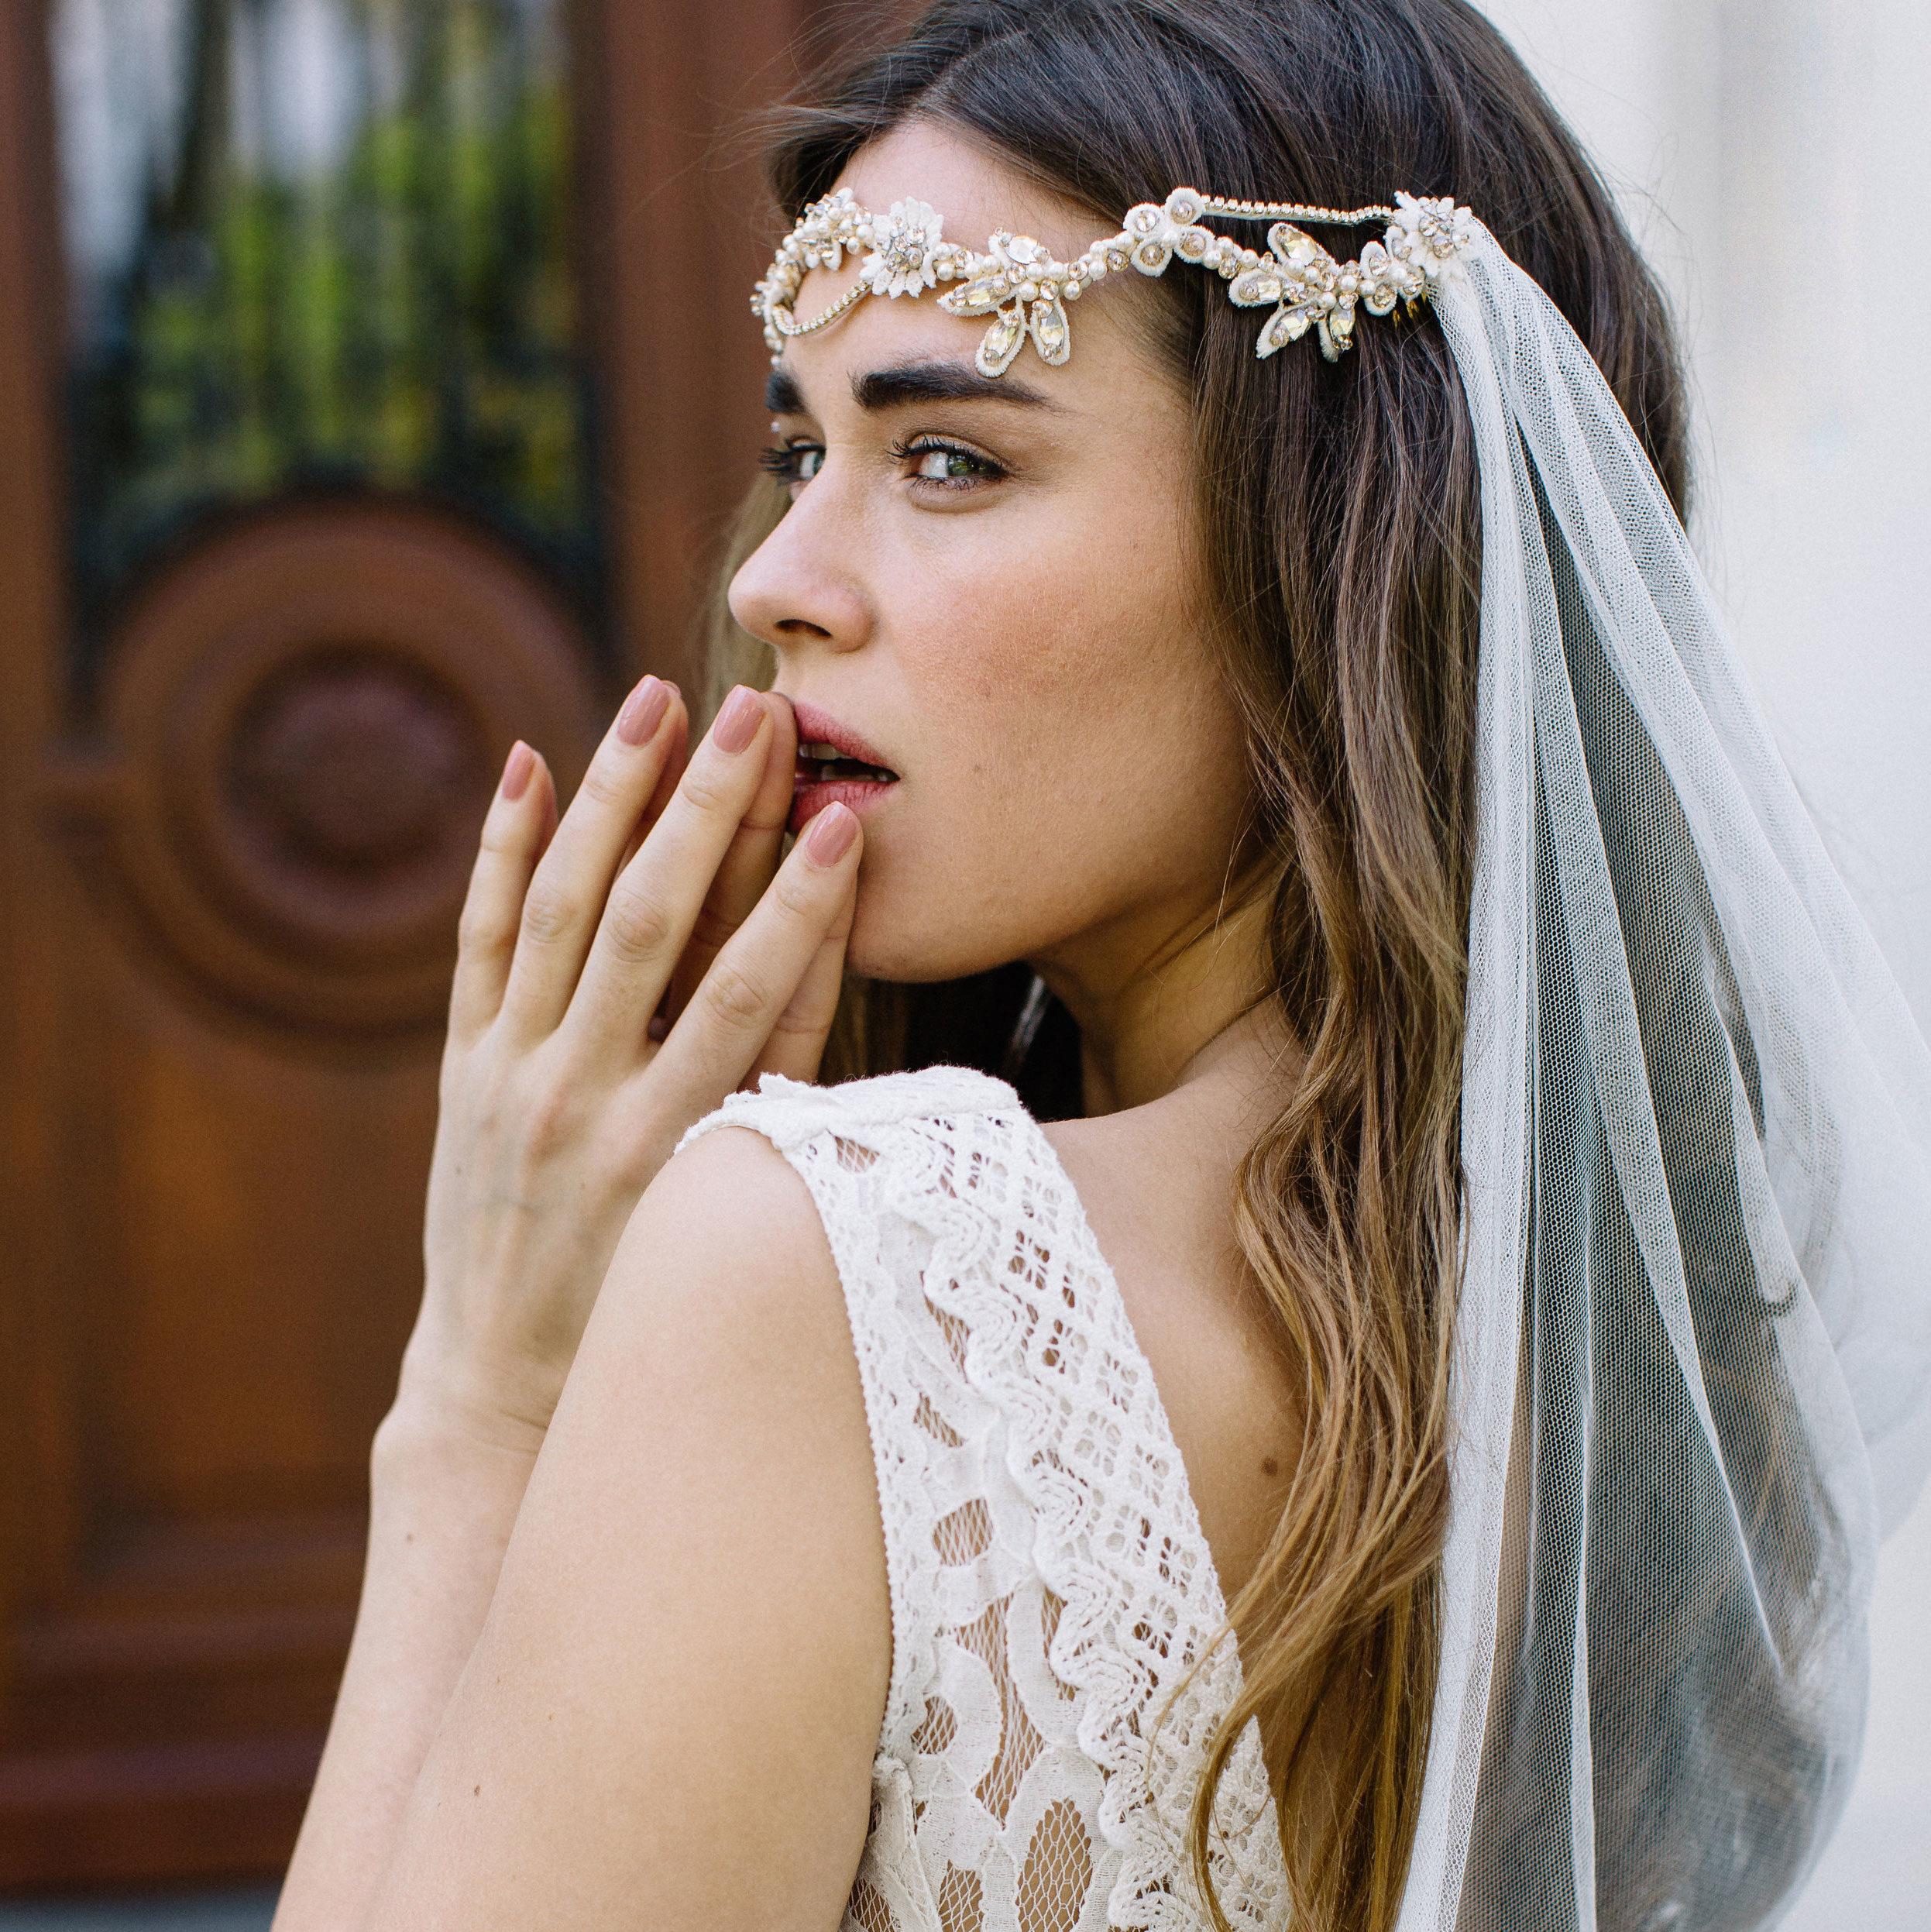 Welcher Braut-Typ bist Du? Welcher Schmuck passt dazu?